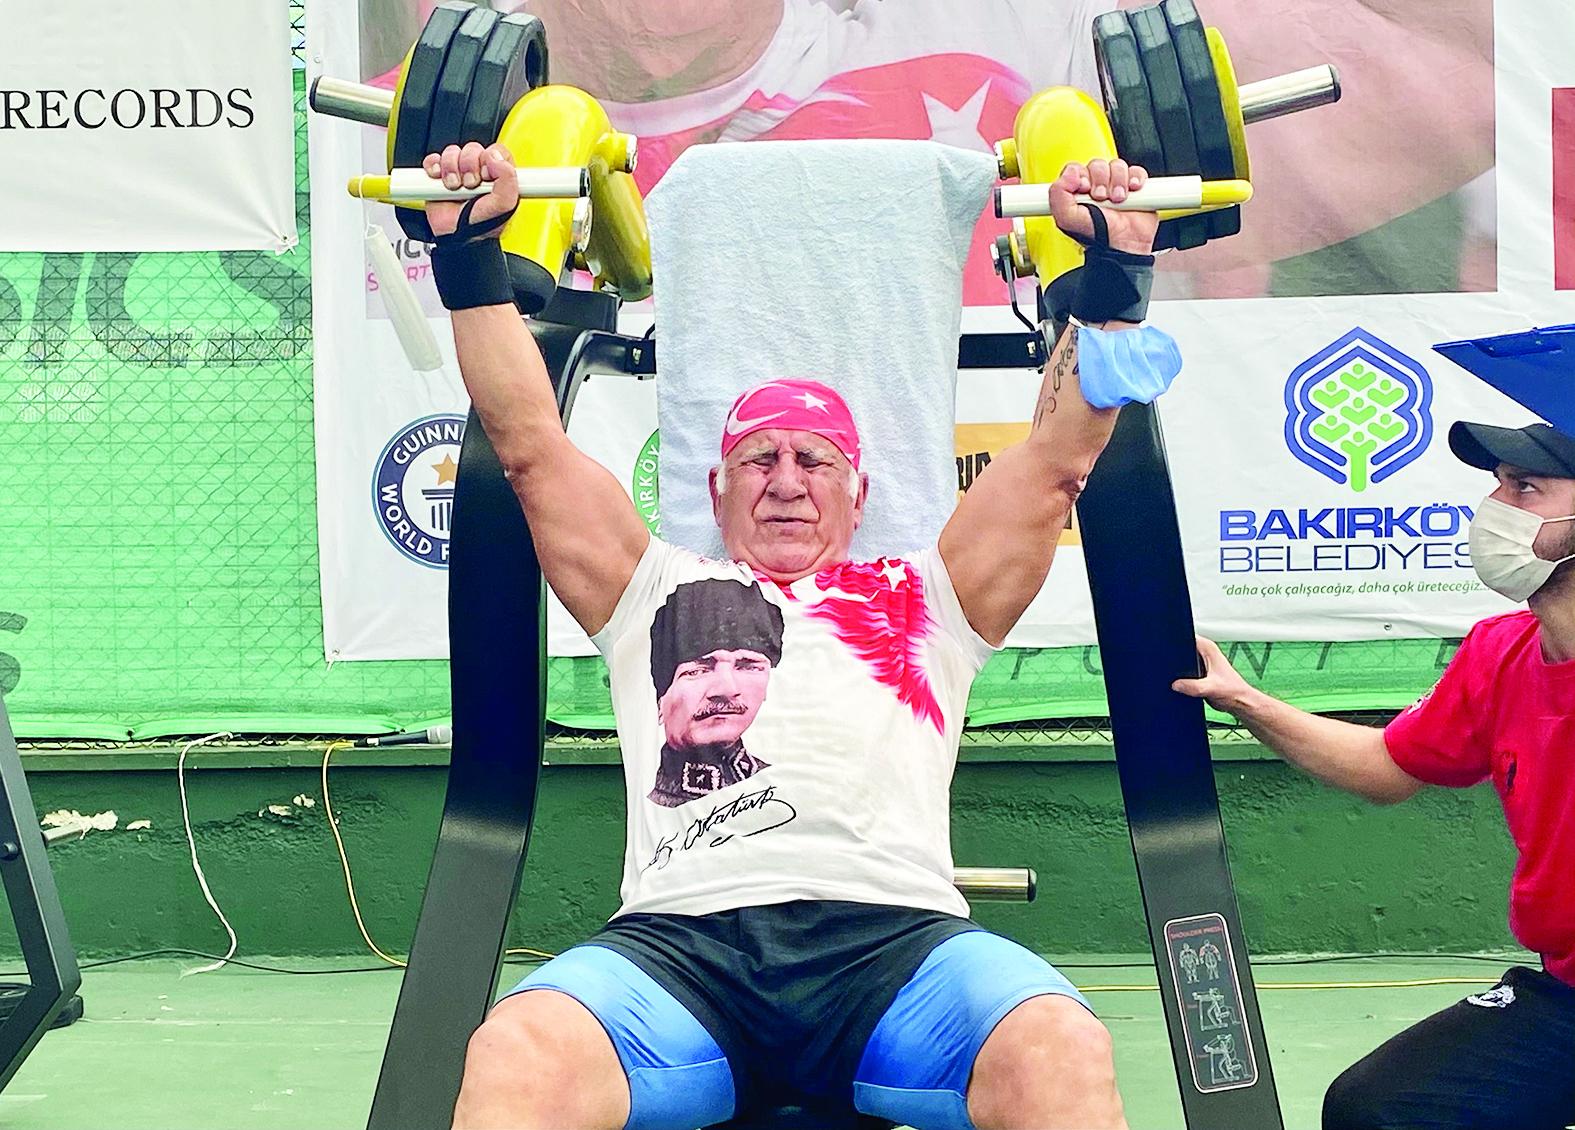 71 yaşındaki Türk sporcu rekorlar kitabında